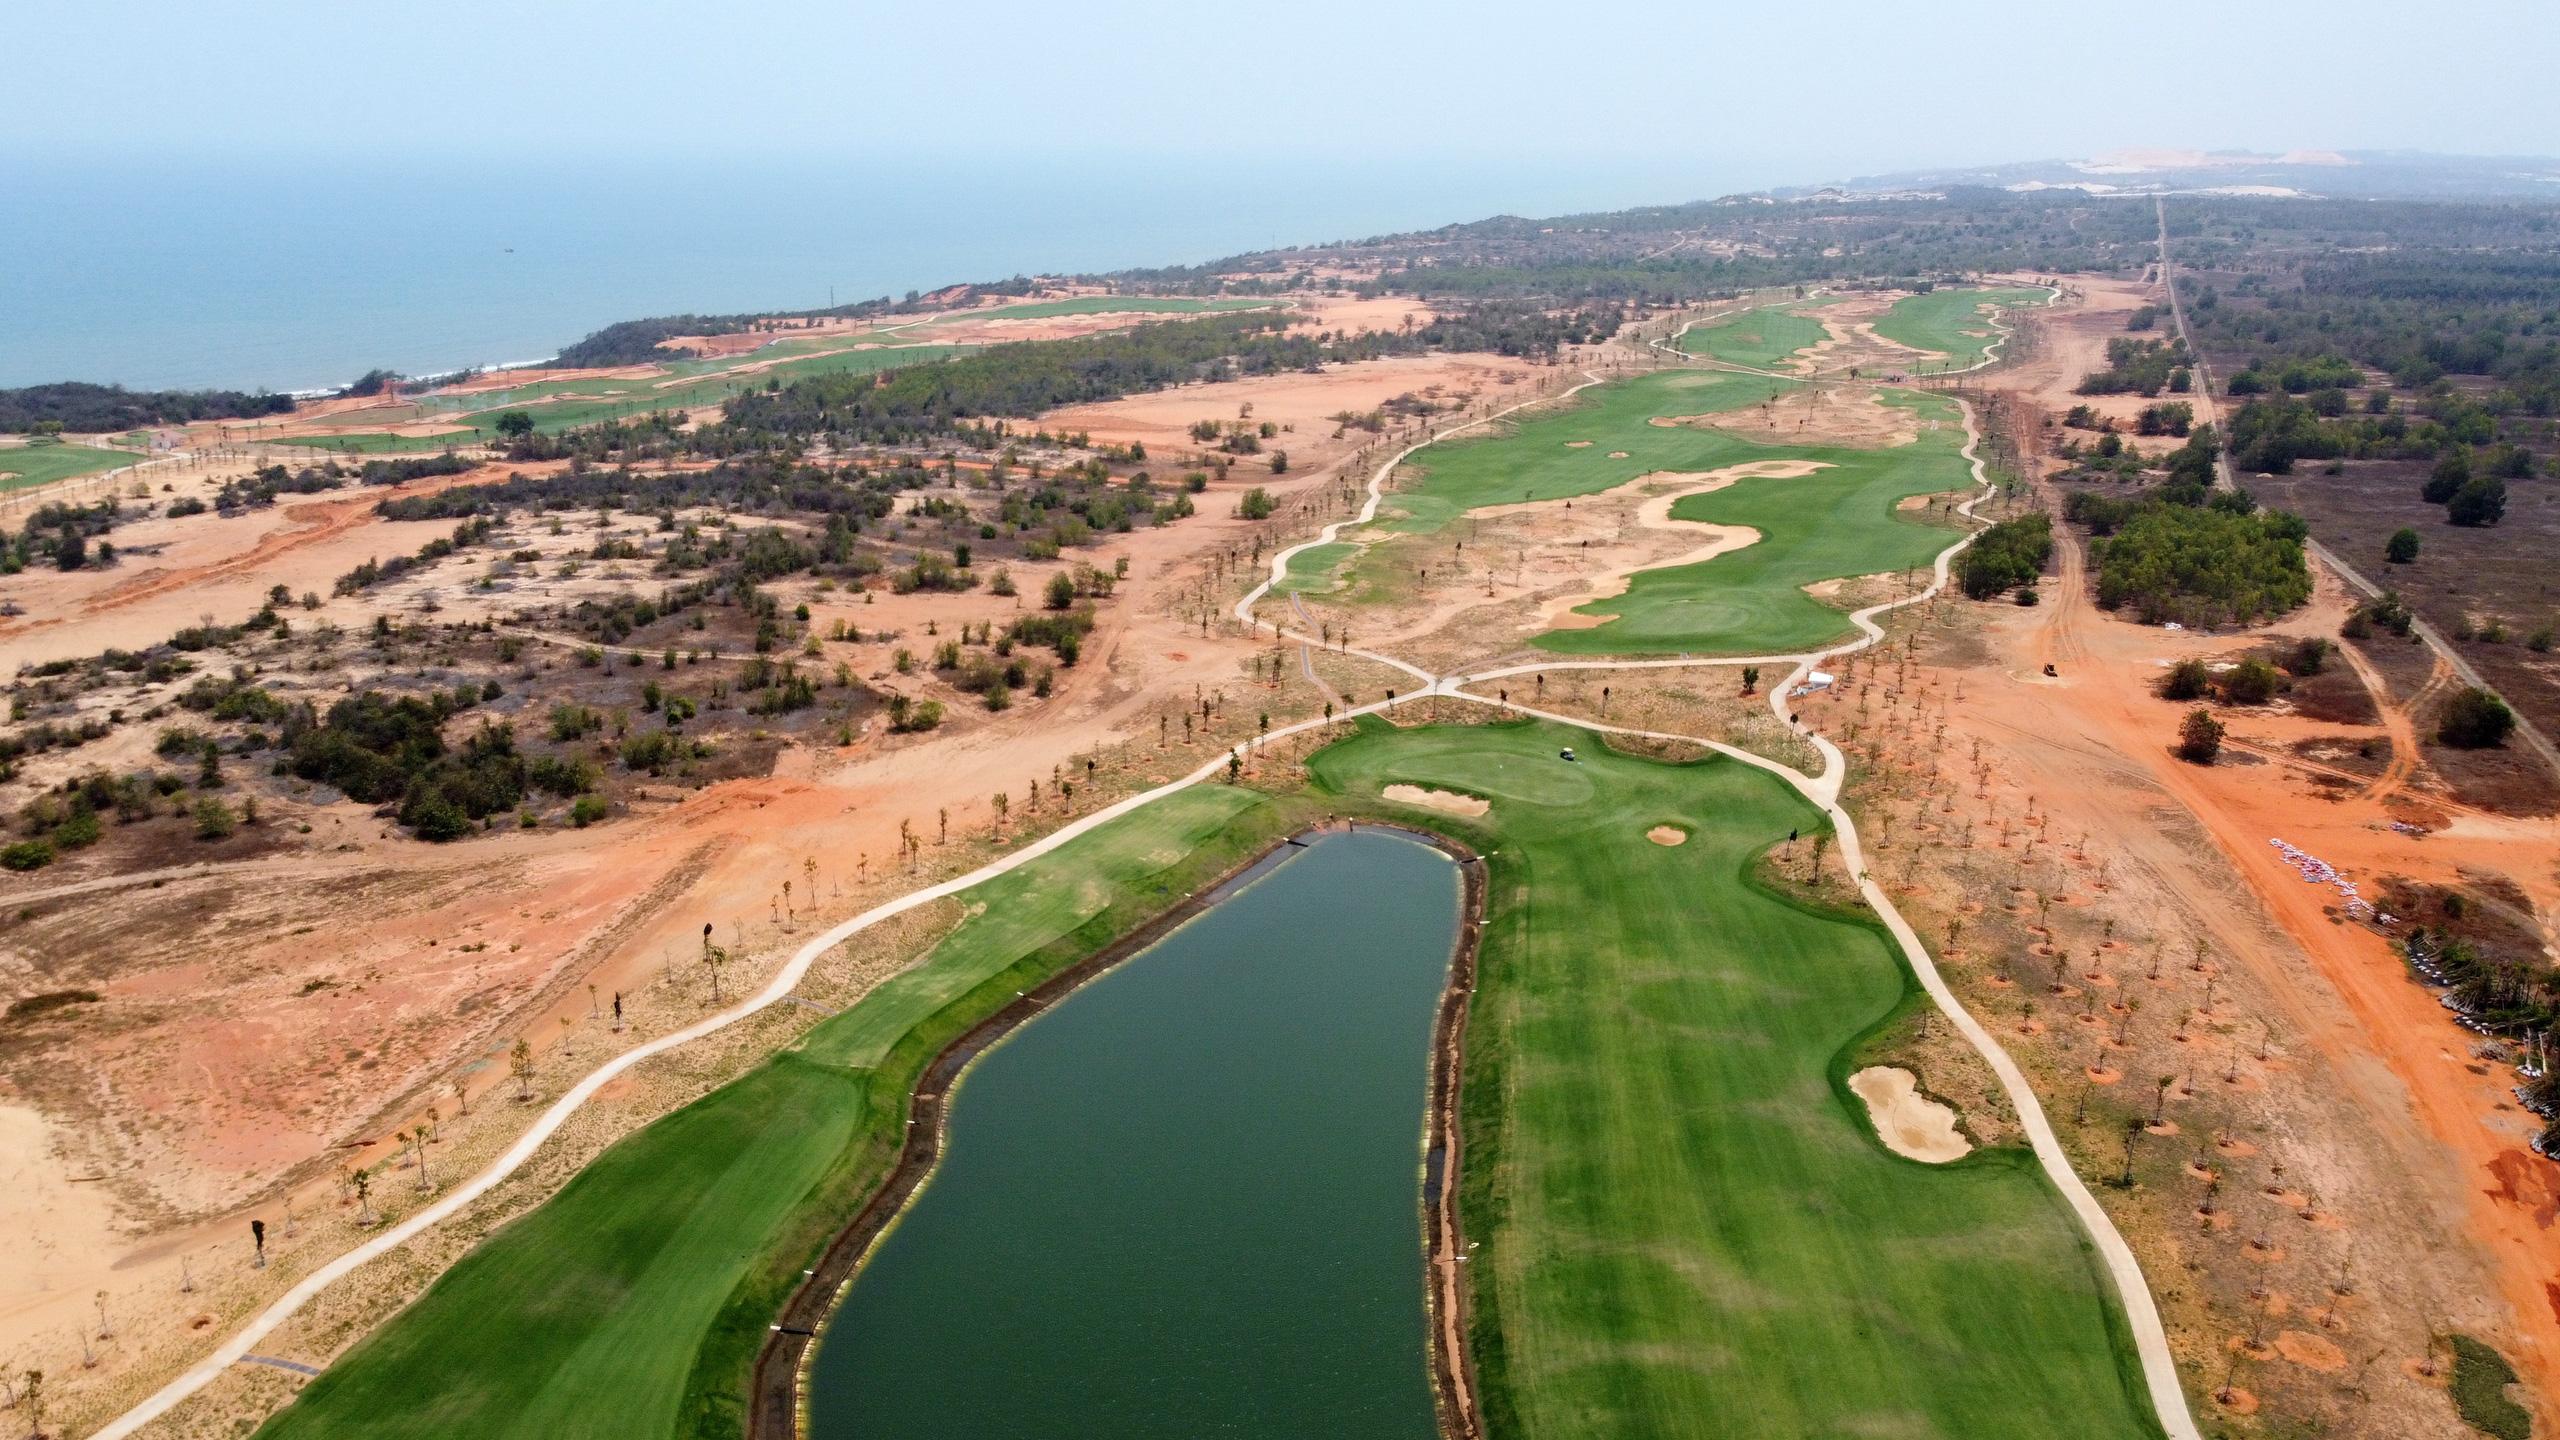 Cận cảnh sân golf tiêu chuẩn PGA tại NovaWorld Phan Thiet trước ngày khai trương - Ảnh 3.